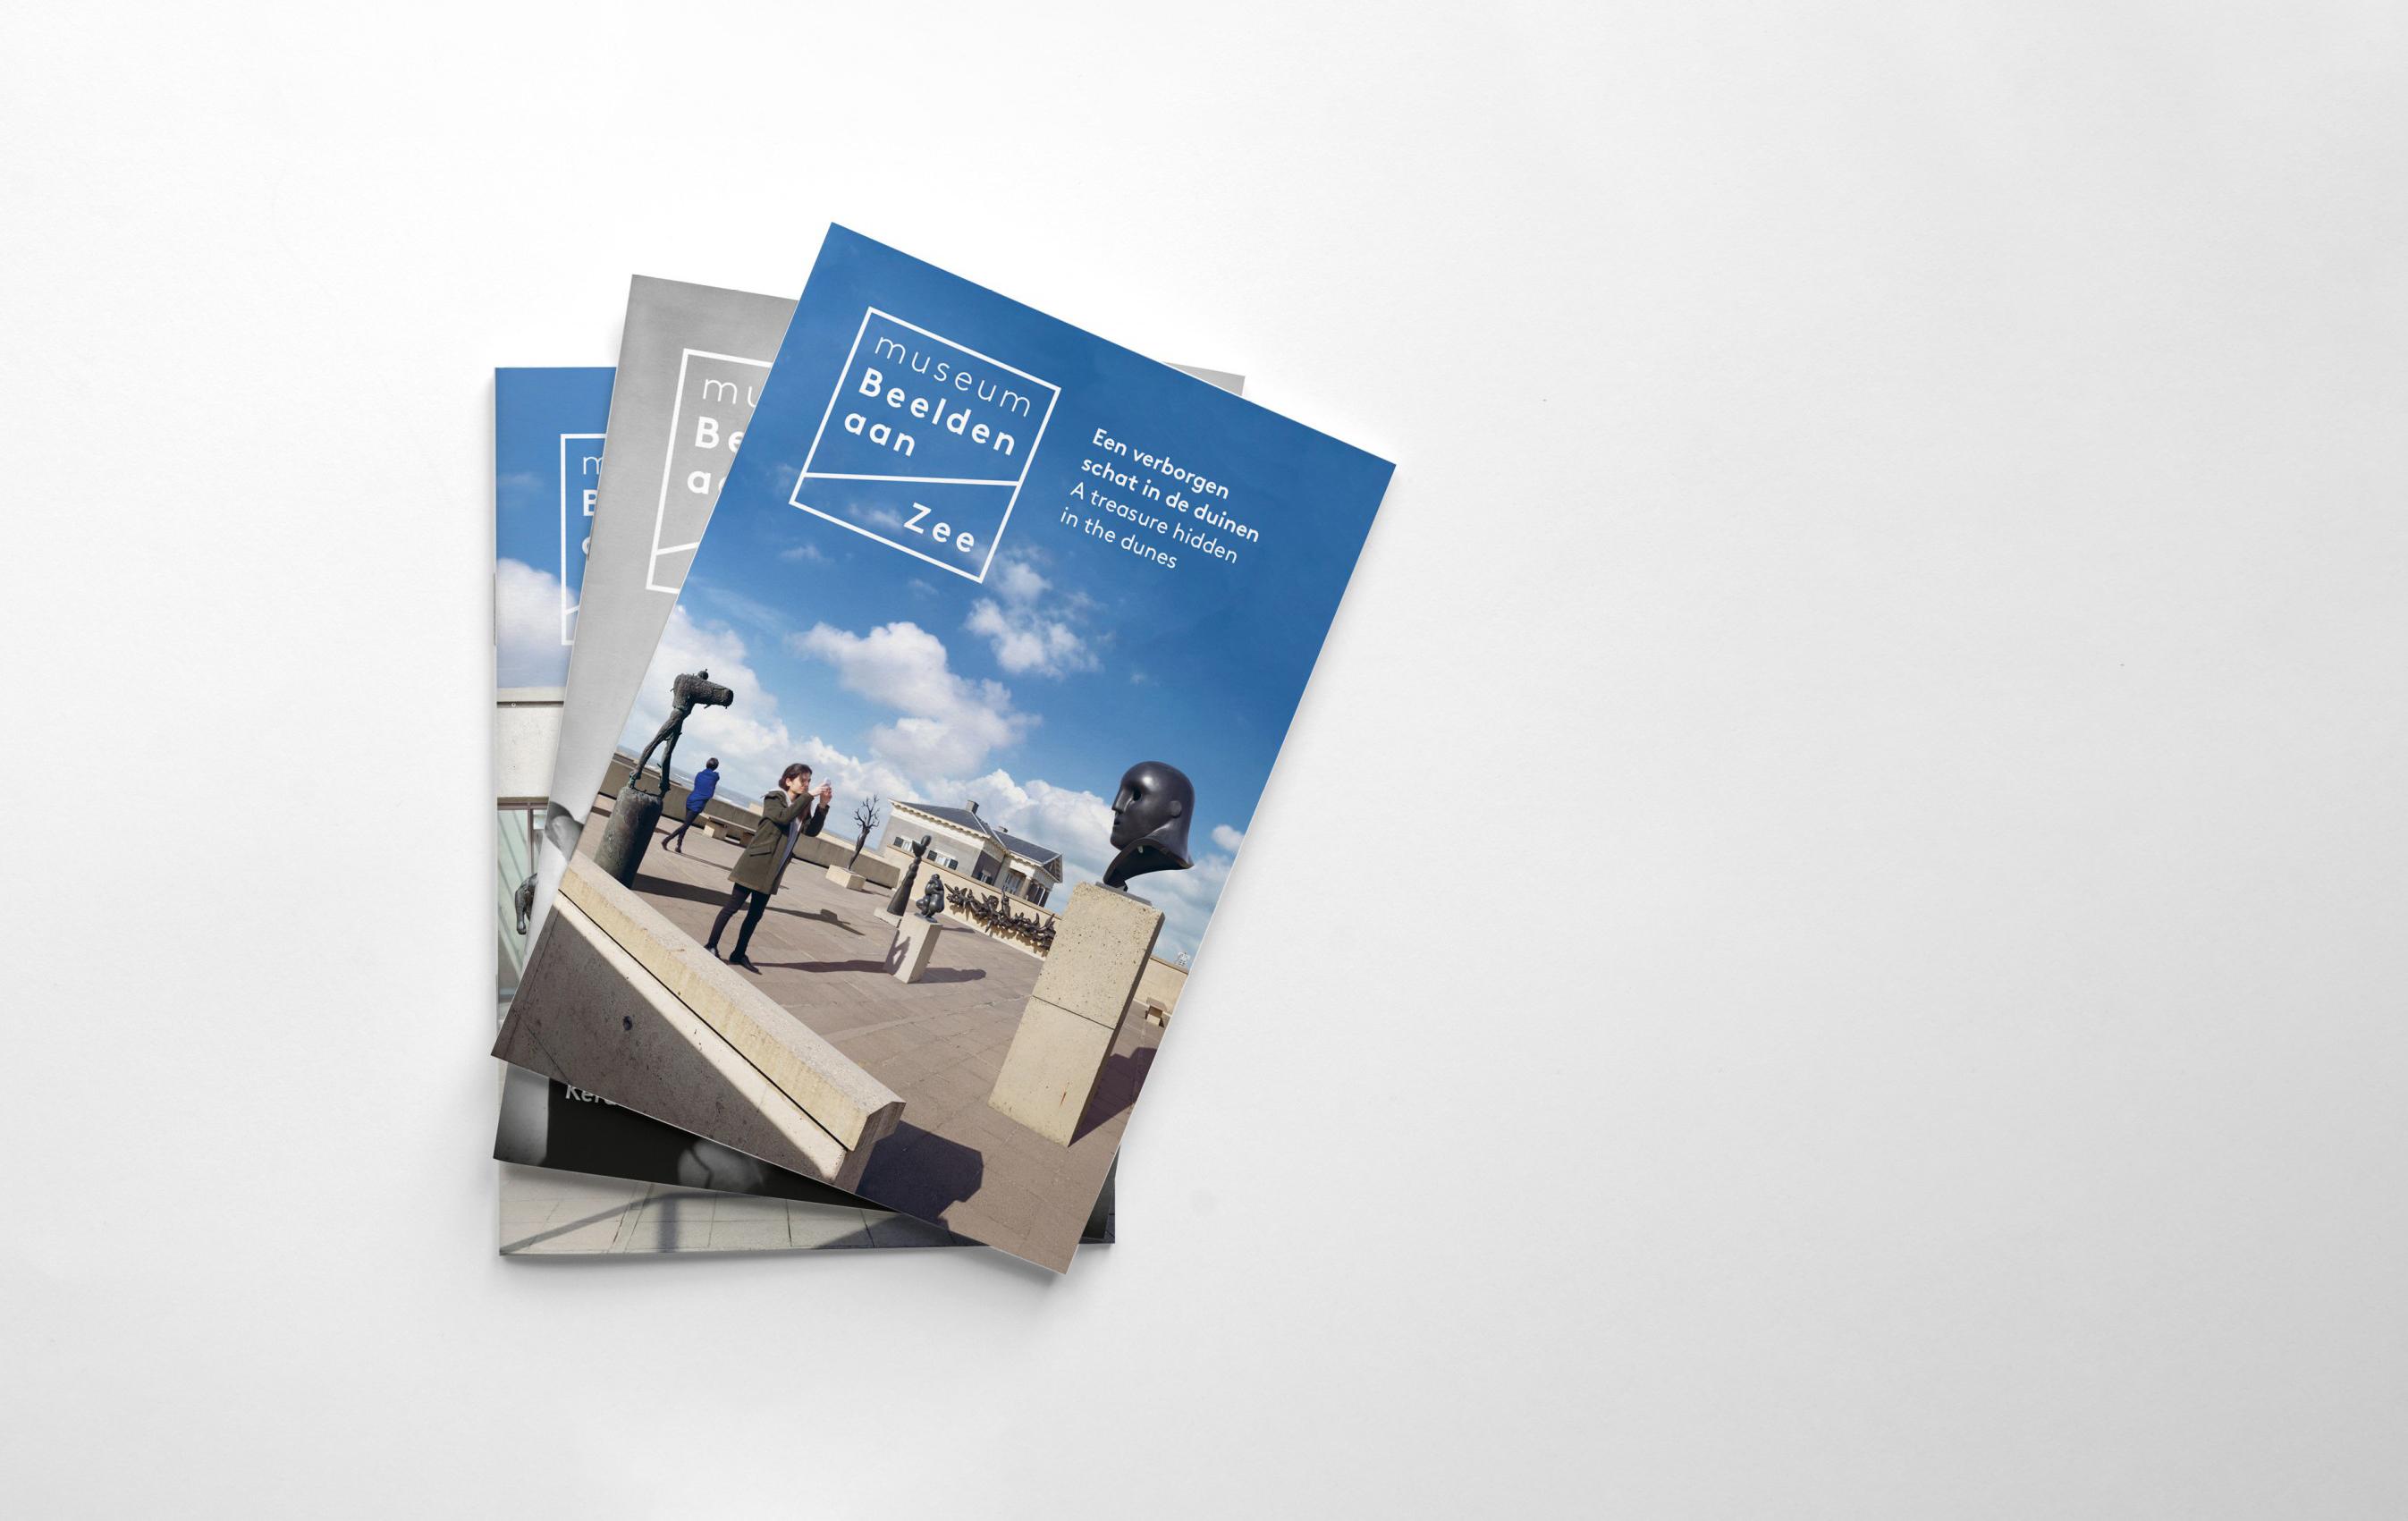 idje-van-den-boom-beelden-aan-zee-folders-huisstijl